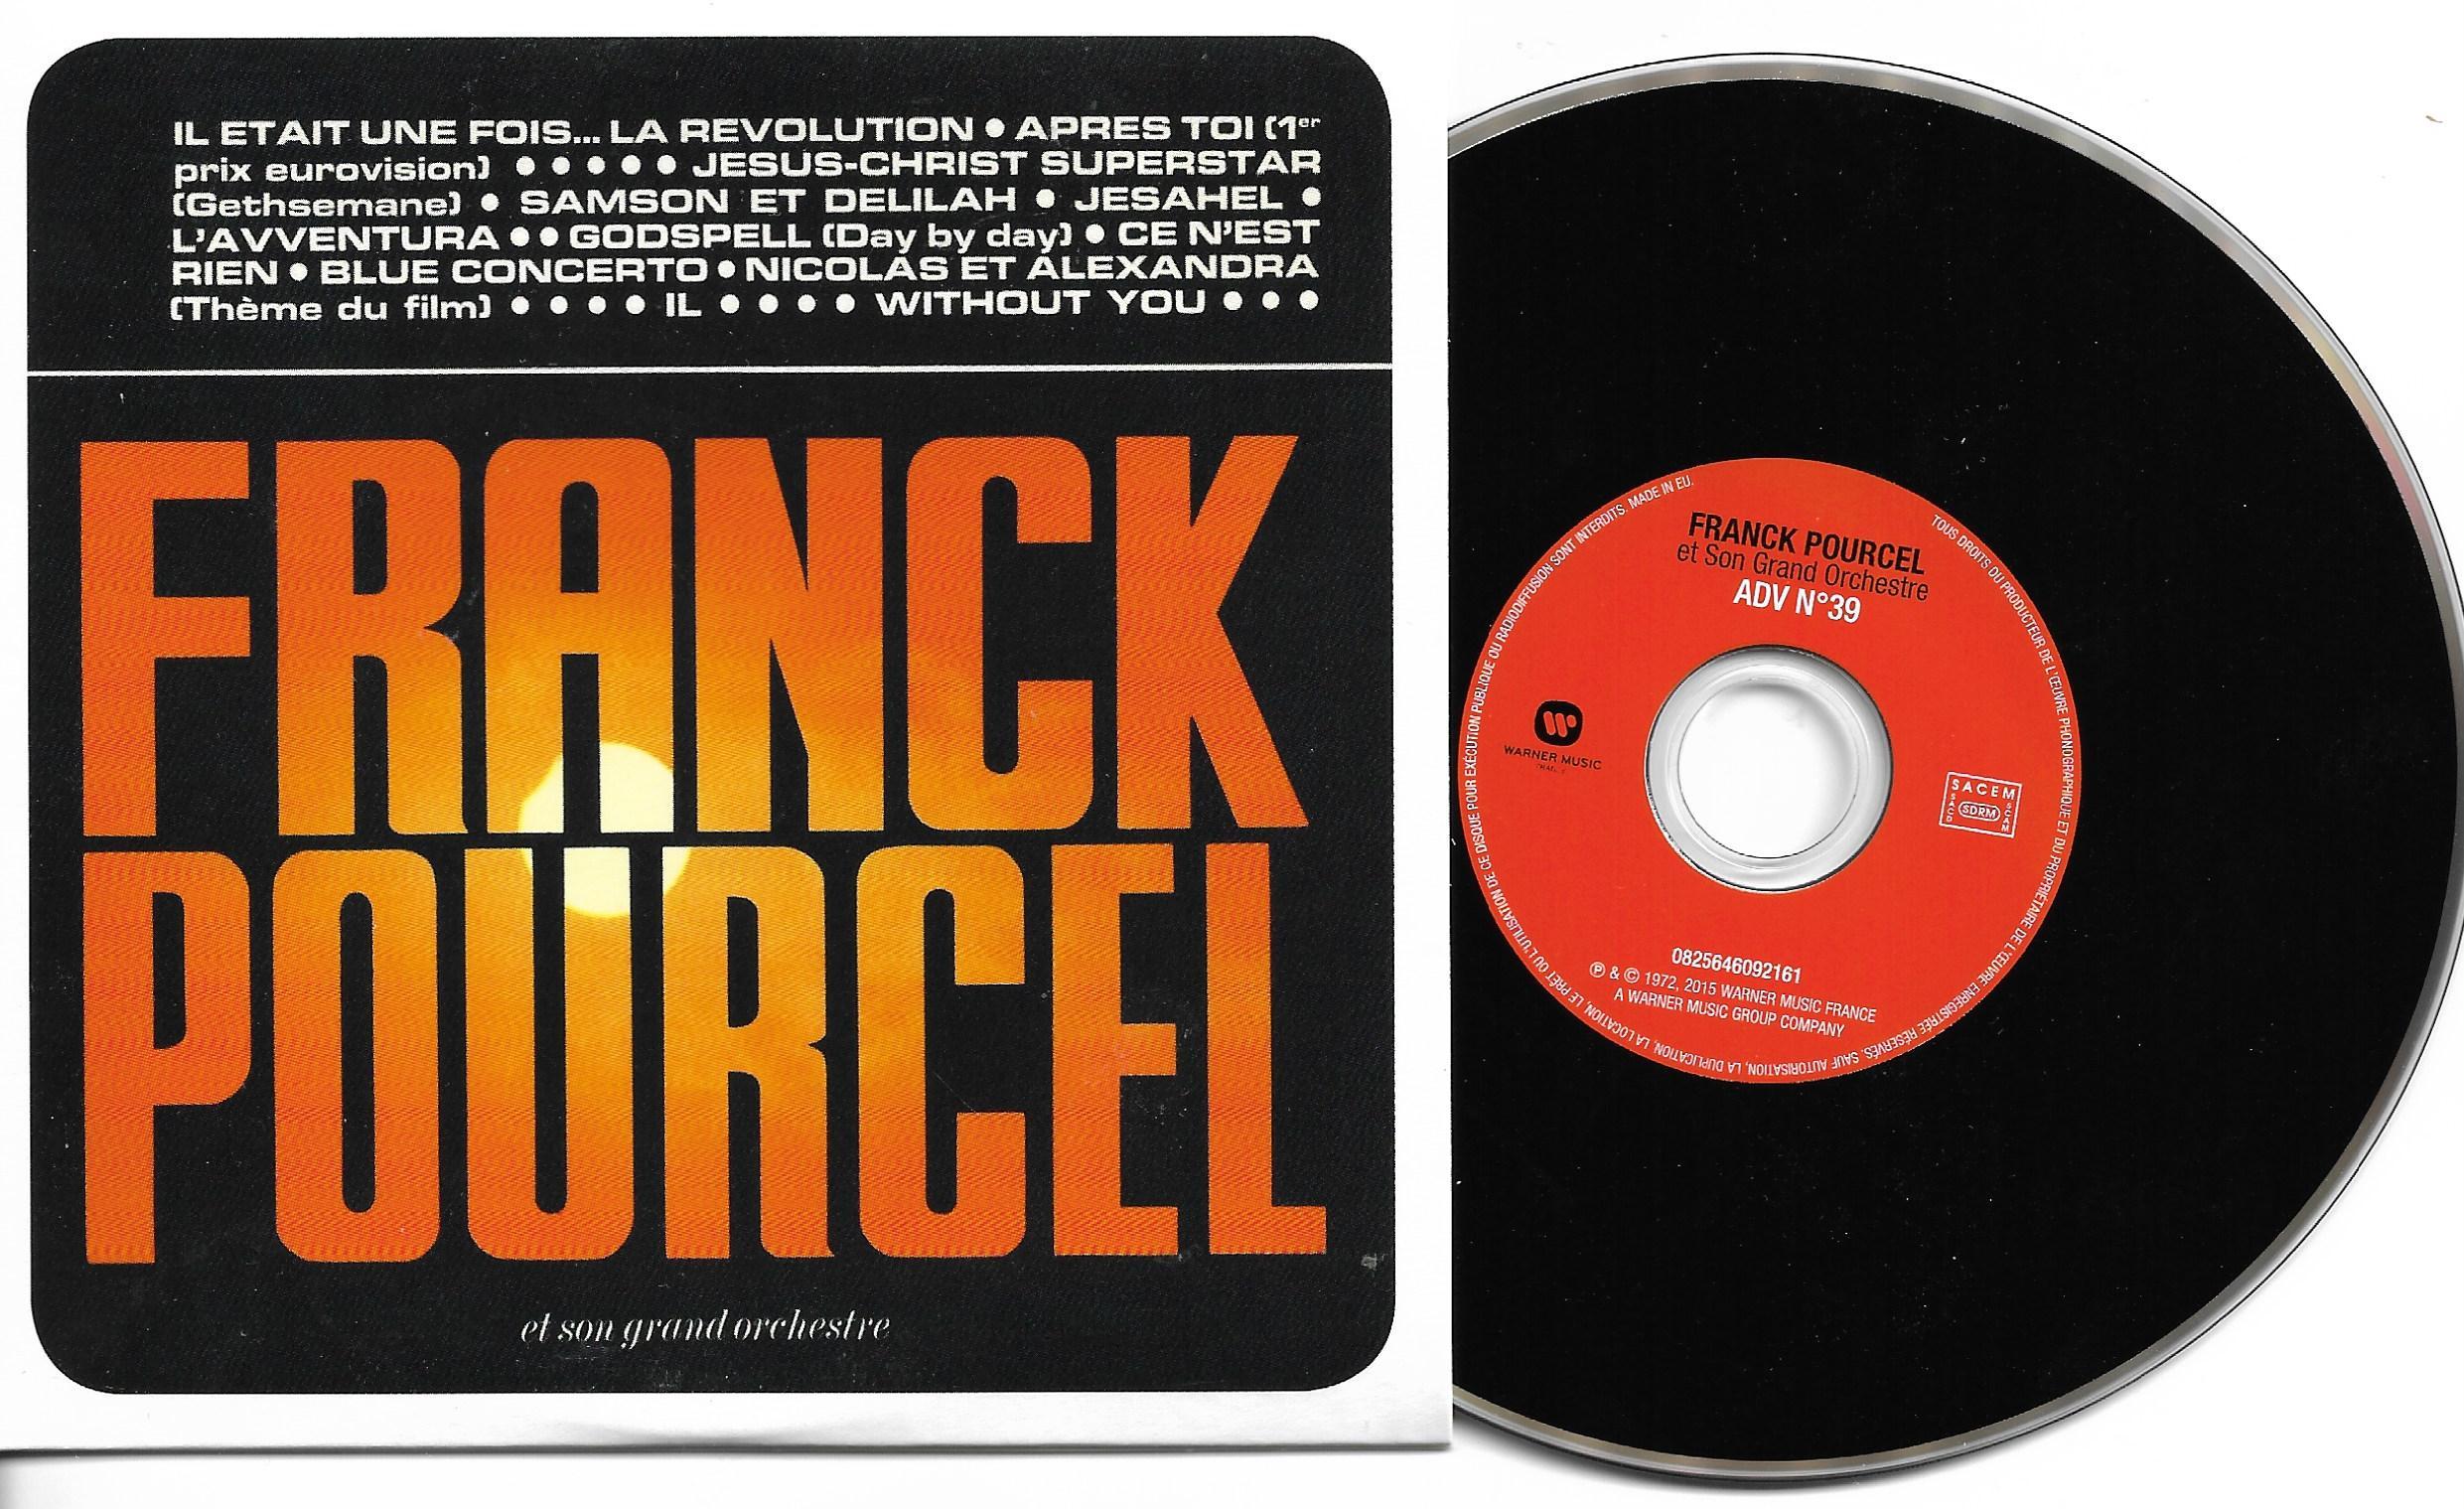 Franck POURCEL - Amour Danse Et Violons N°39 (1972 - Mini Lp Replica - 12-track Card Sleeve)